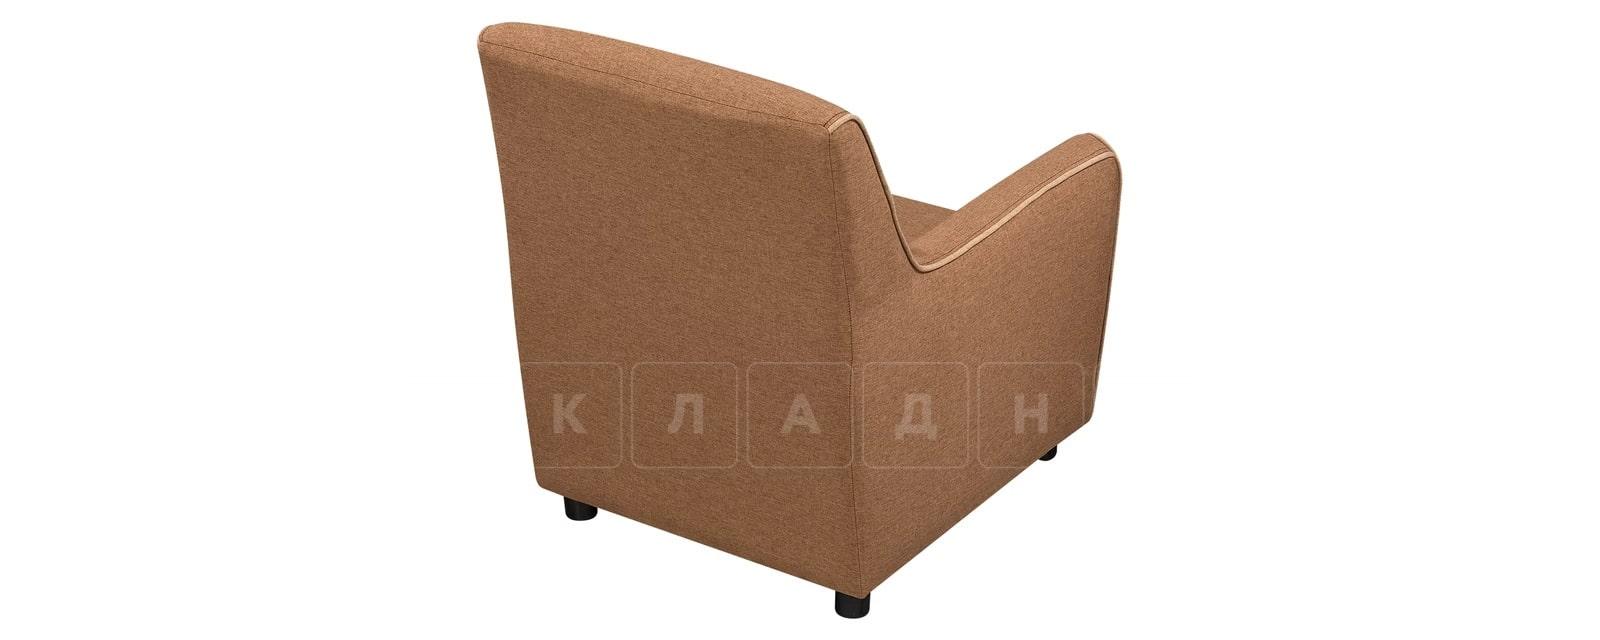 Кресло Флэтфорд рогожка коричневая с бежевым кантом фото 3 | интернет-магазин Складно